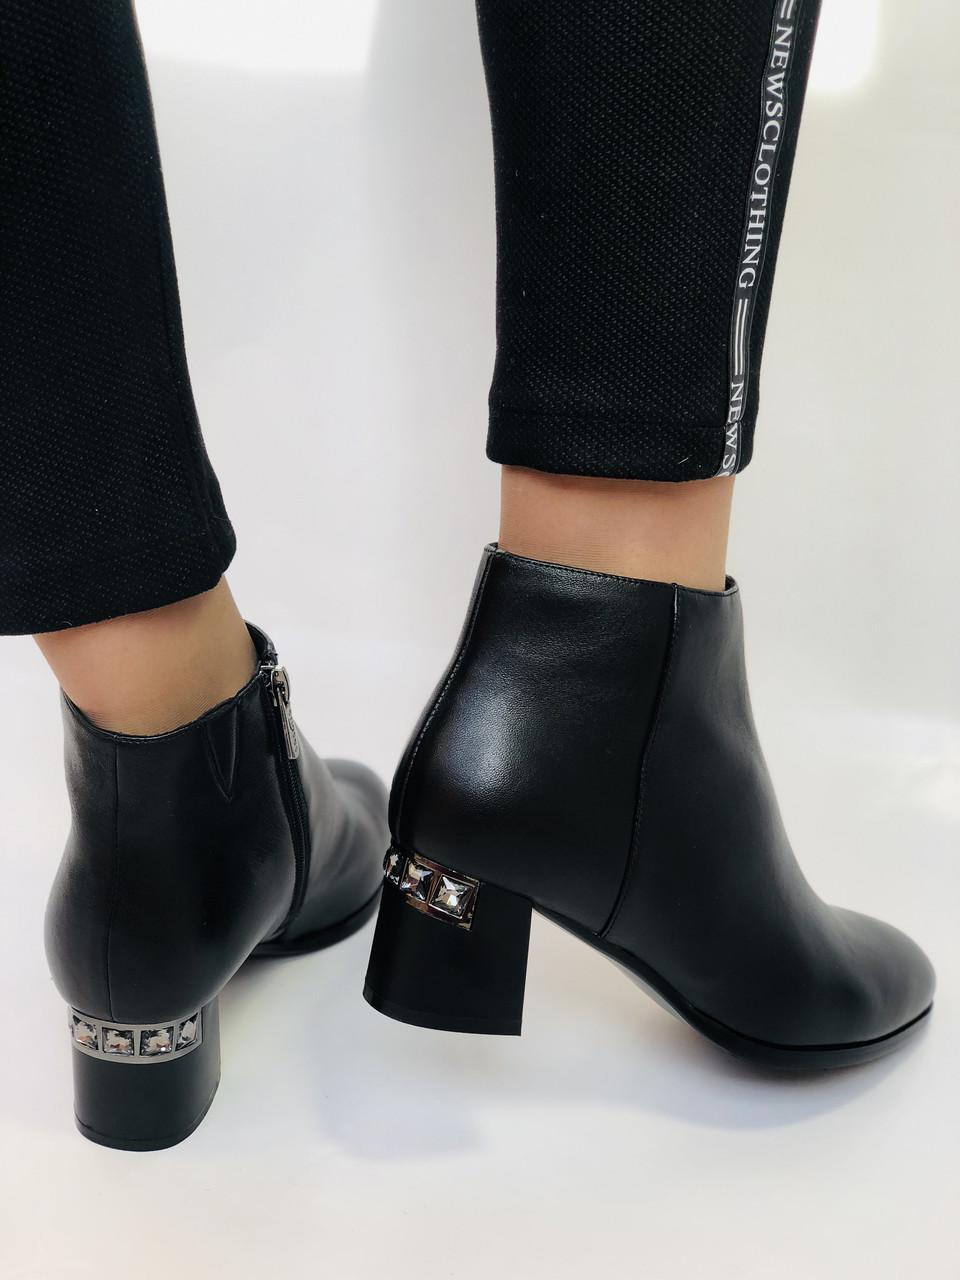 Женские стильные осенние ботинки. На среднем каблуке. Натуральная кожа. Люкс качество. Erisses. Р. 36.37.38.40